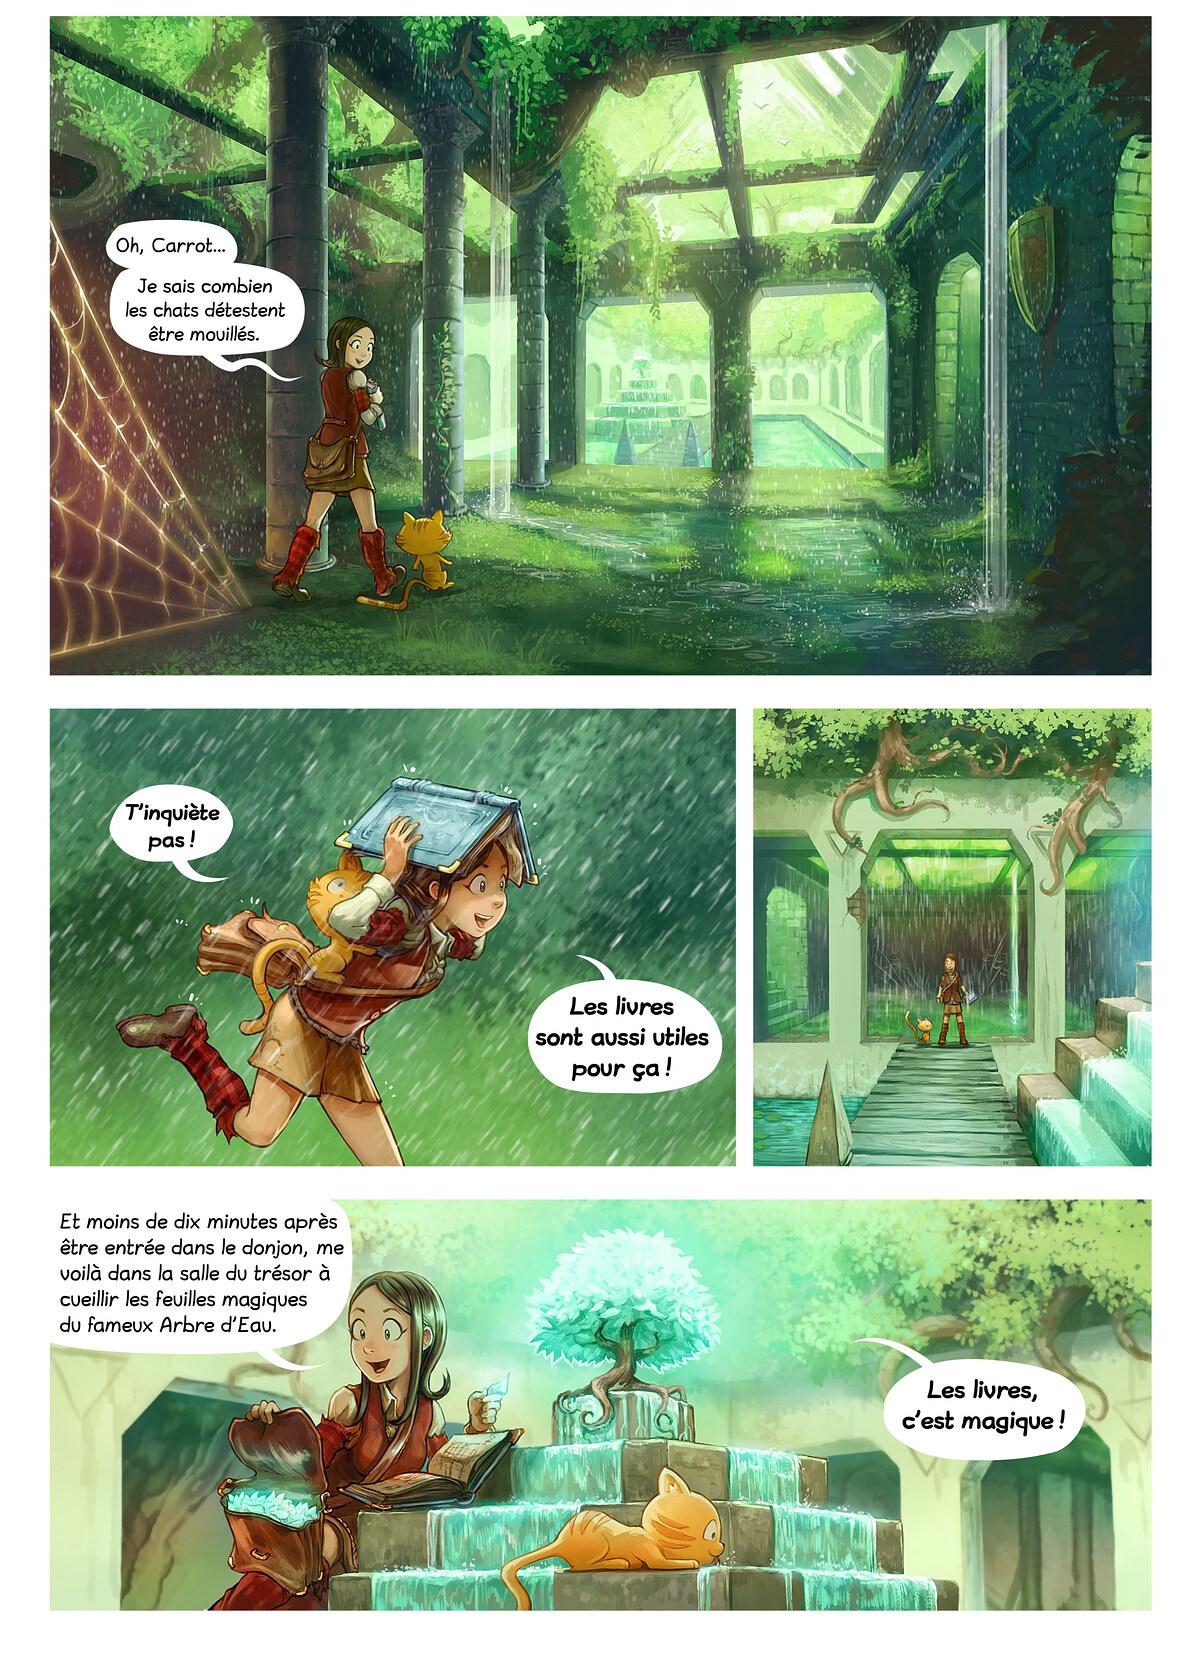 Épisode 26 : Les livres, c'est génial, Page 3